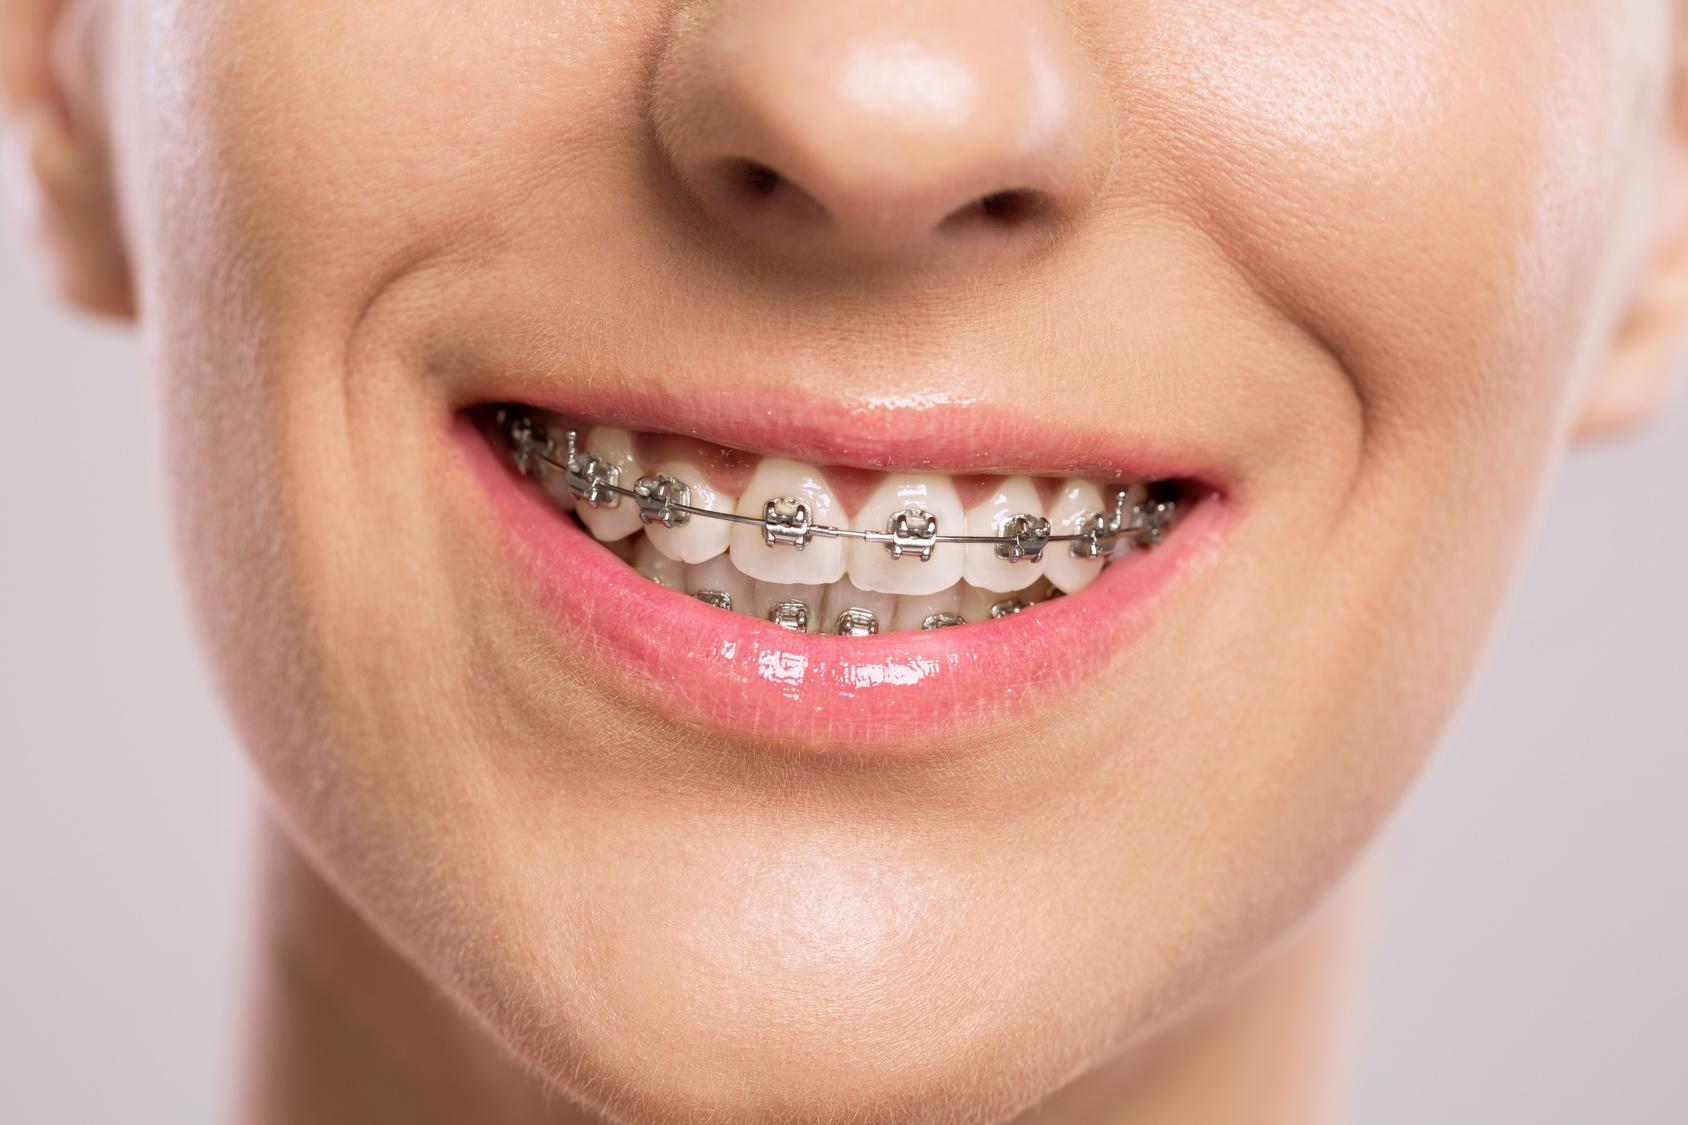 Este mes de octubre vuelven las fantásticas promociones de la Clínica Dental Cuadrado